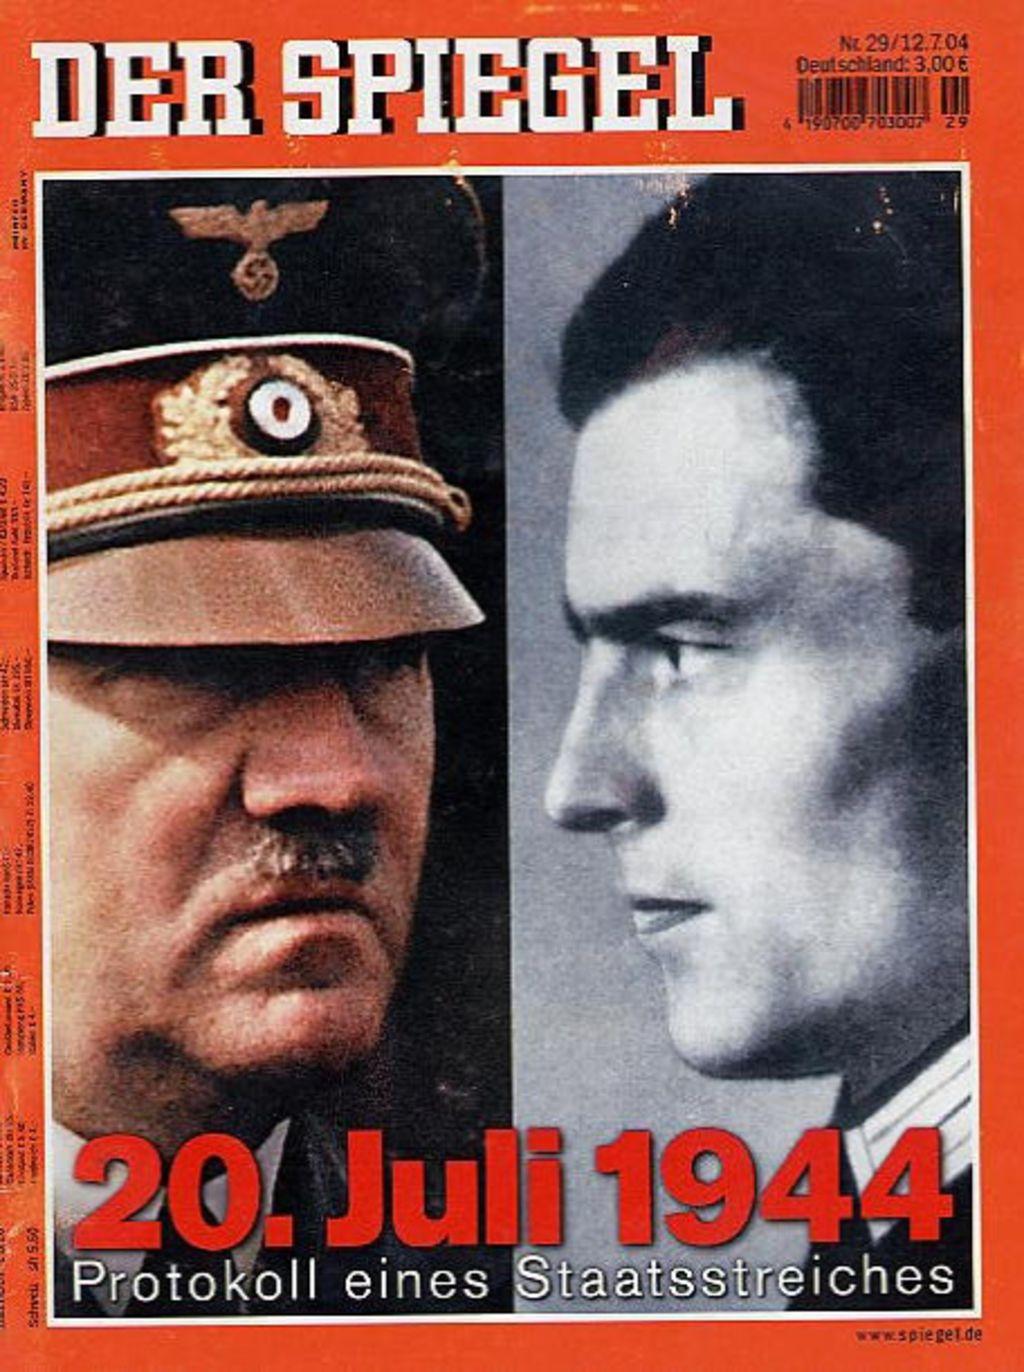 Lemo lebendiges museum online r ckblick der 20 juli 1944 for Der spiegel zeitung